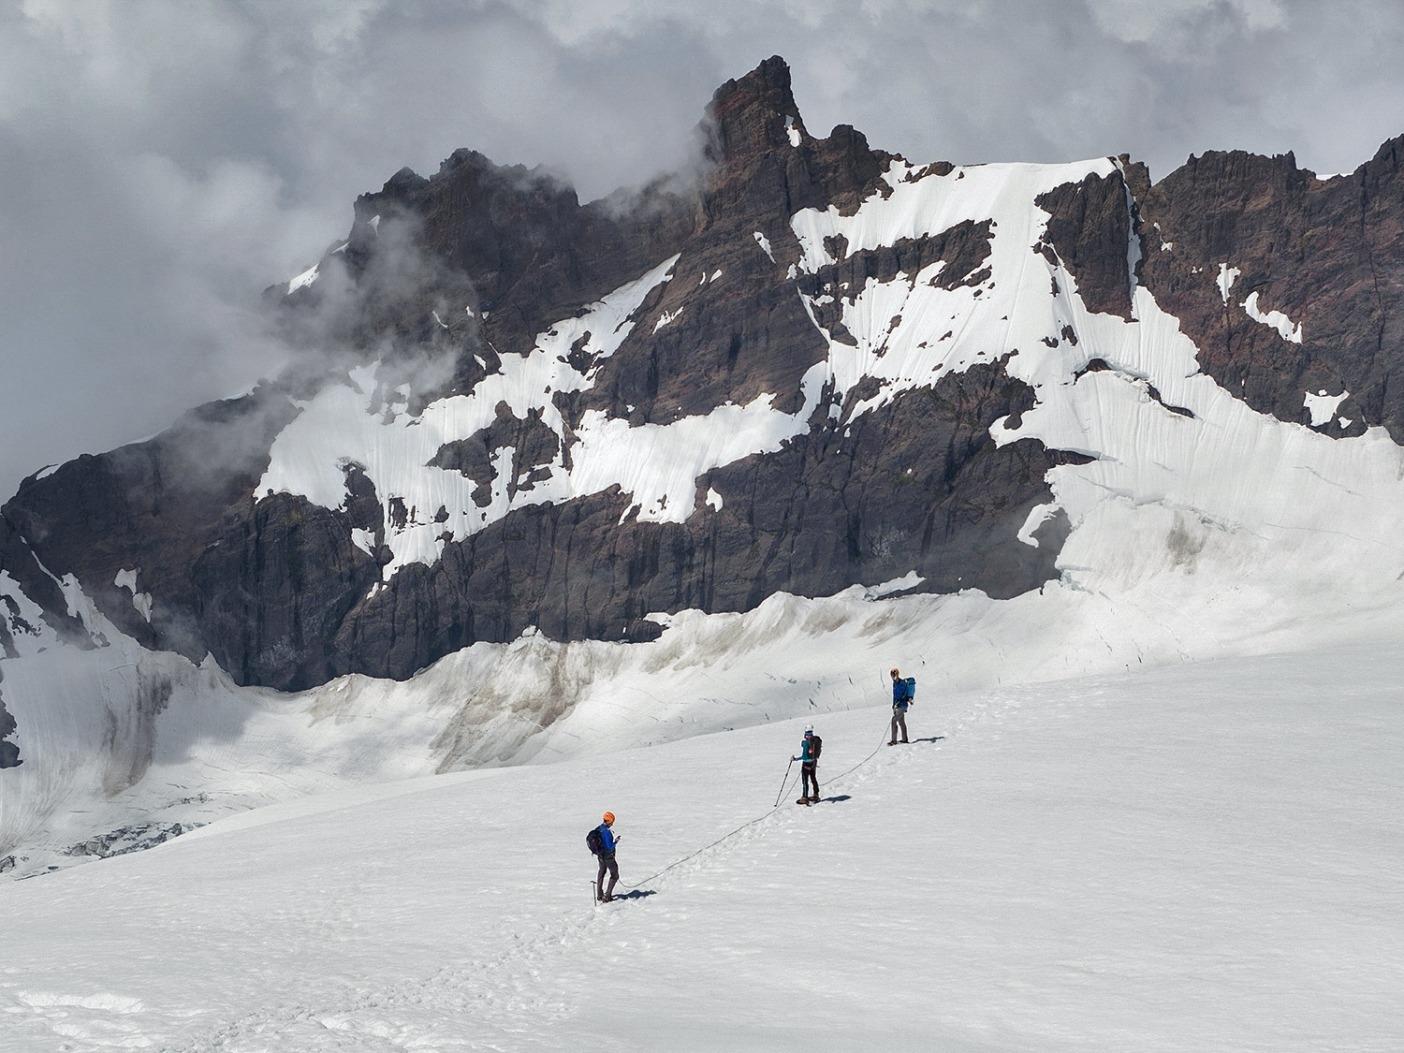 登頂に成功した後、山頂から下山するチーム。Photo: Ben Groenhout